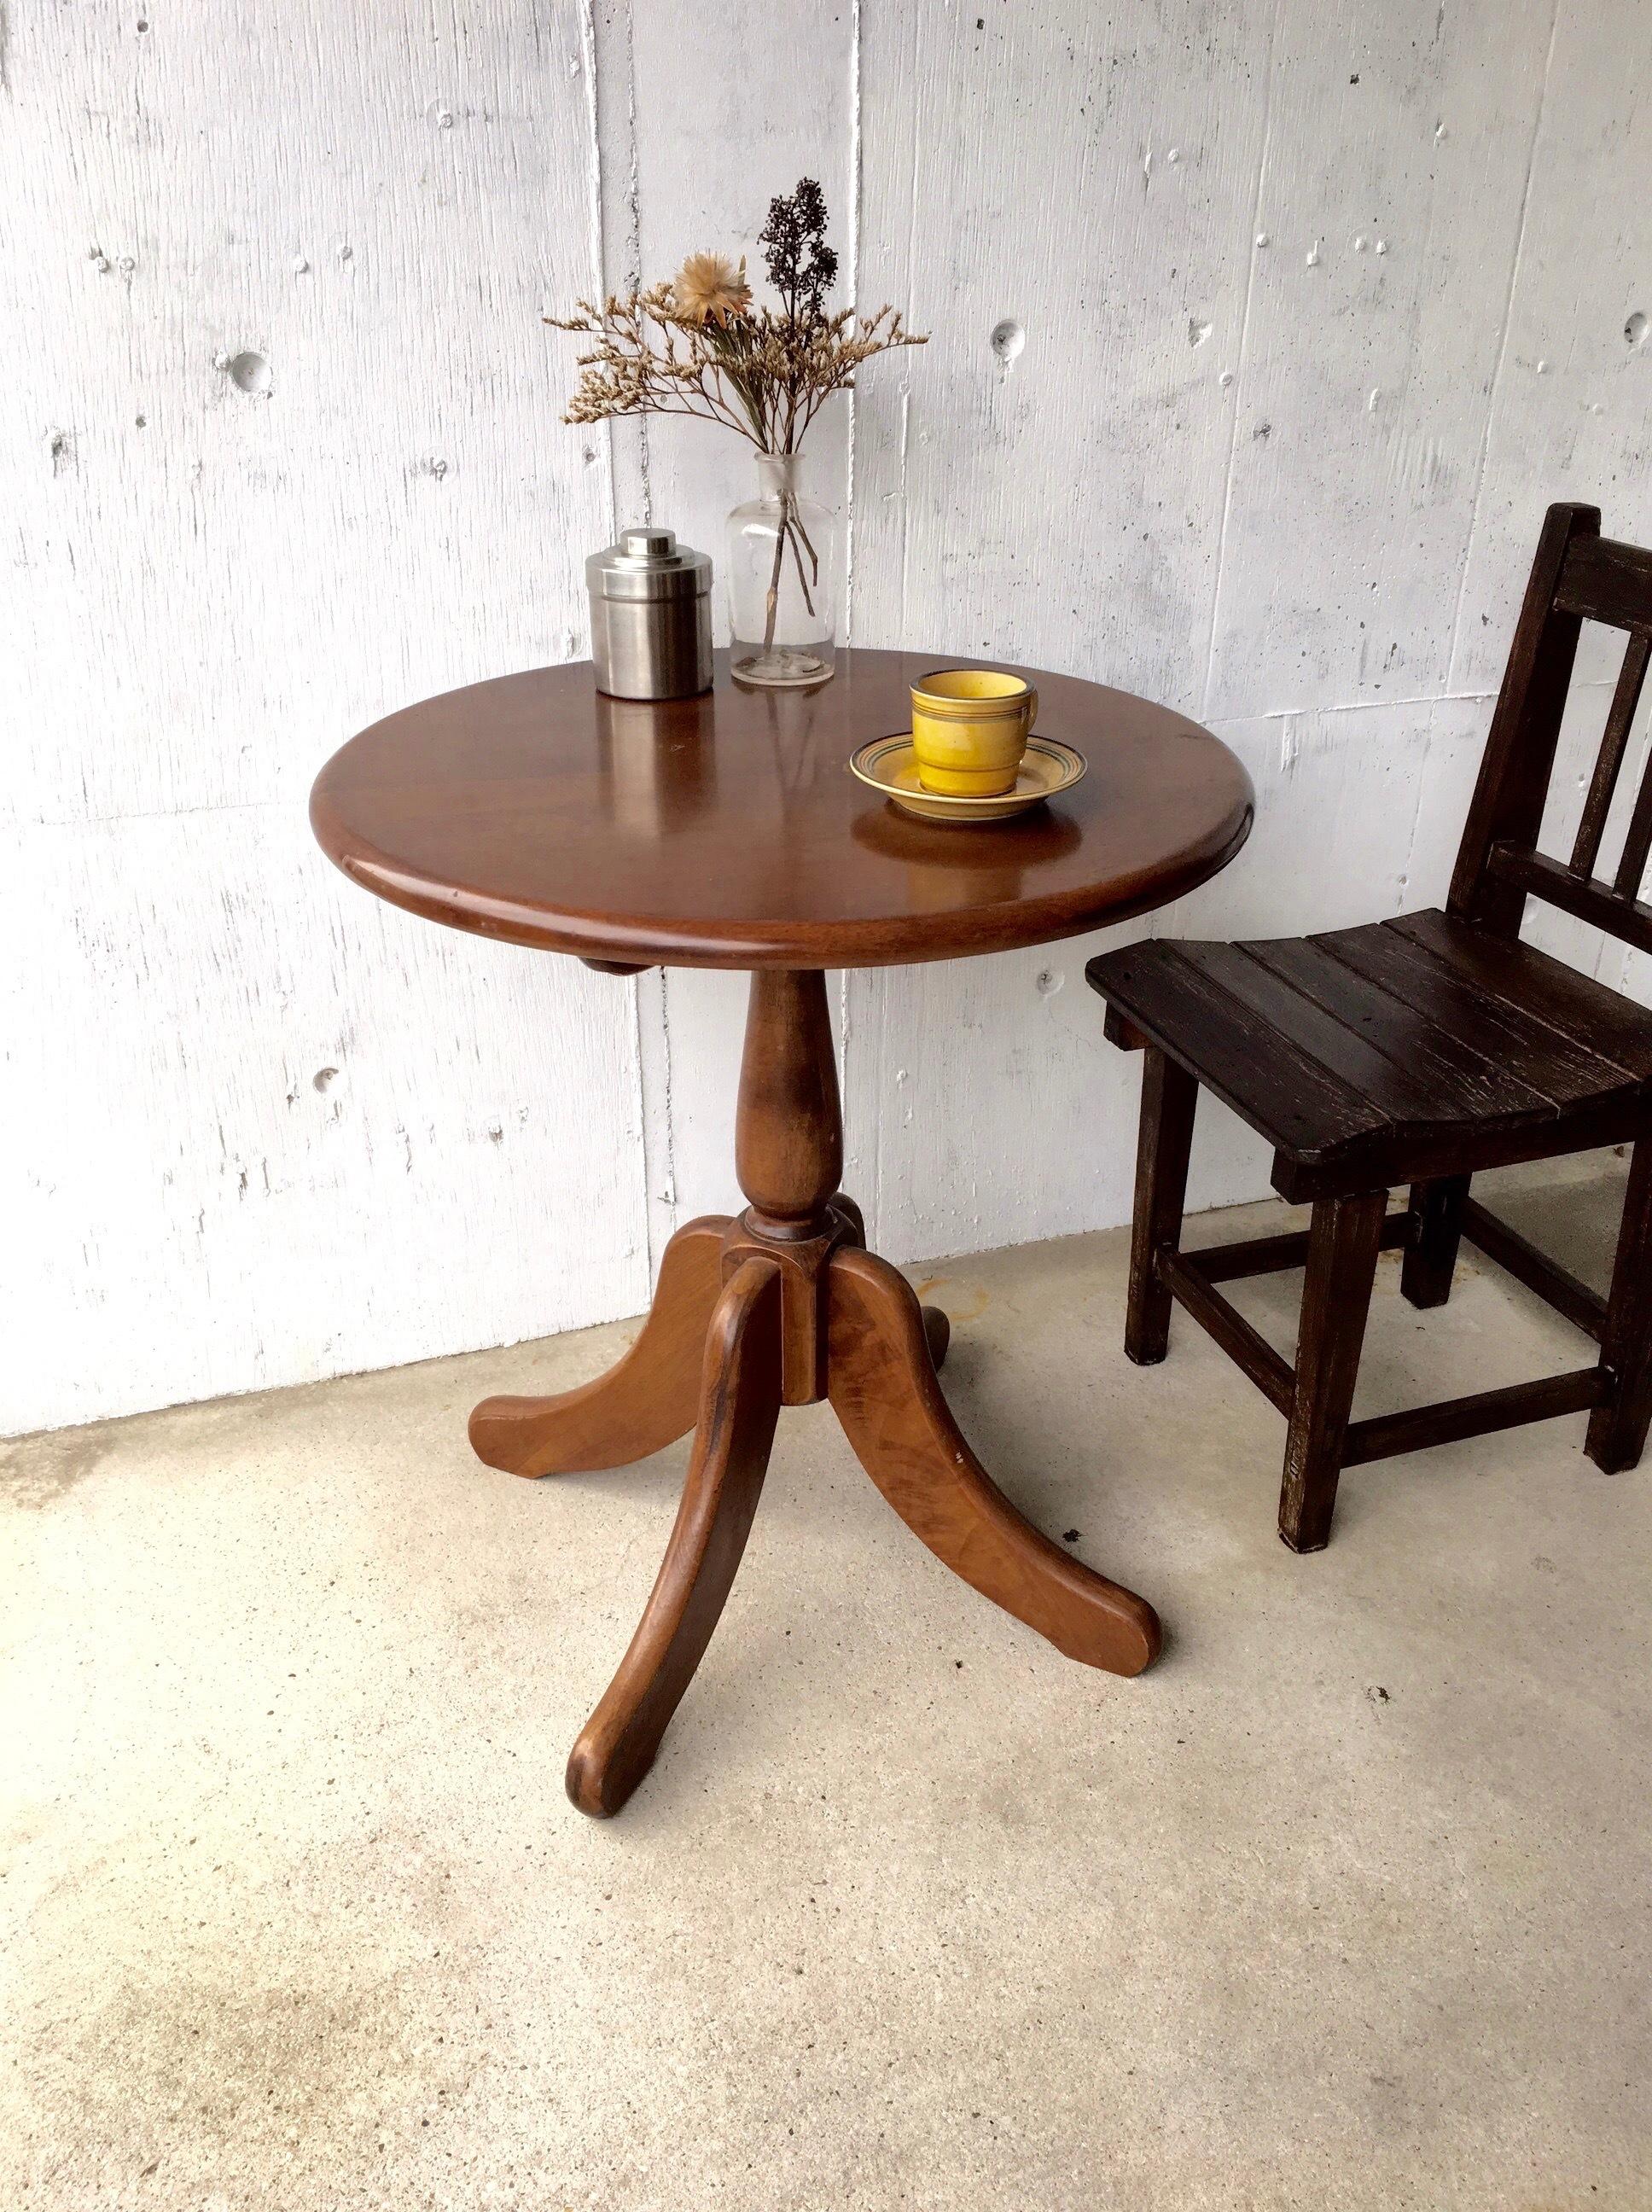 濃い木味のラウンドテーブル[古家具]